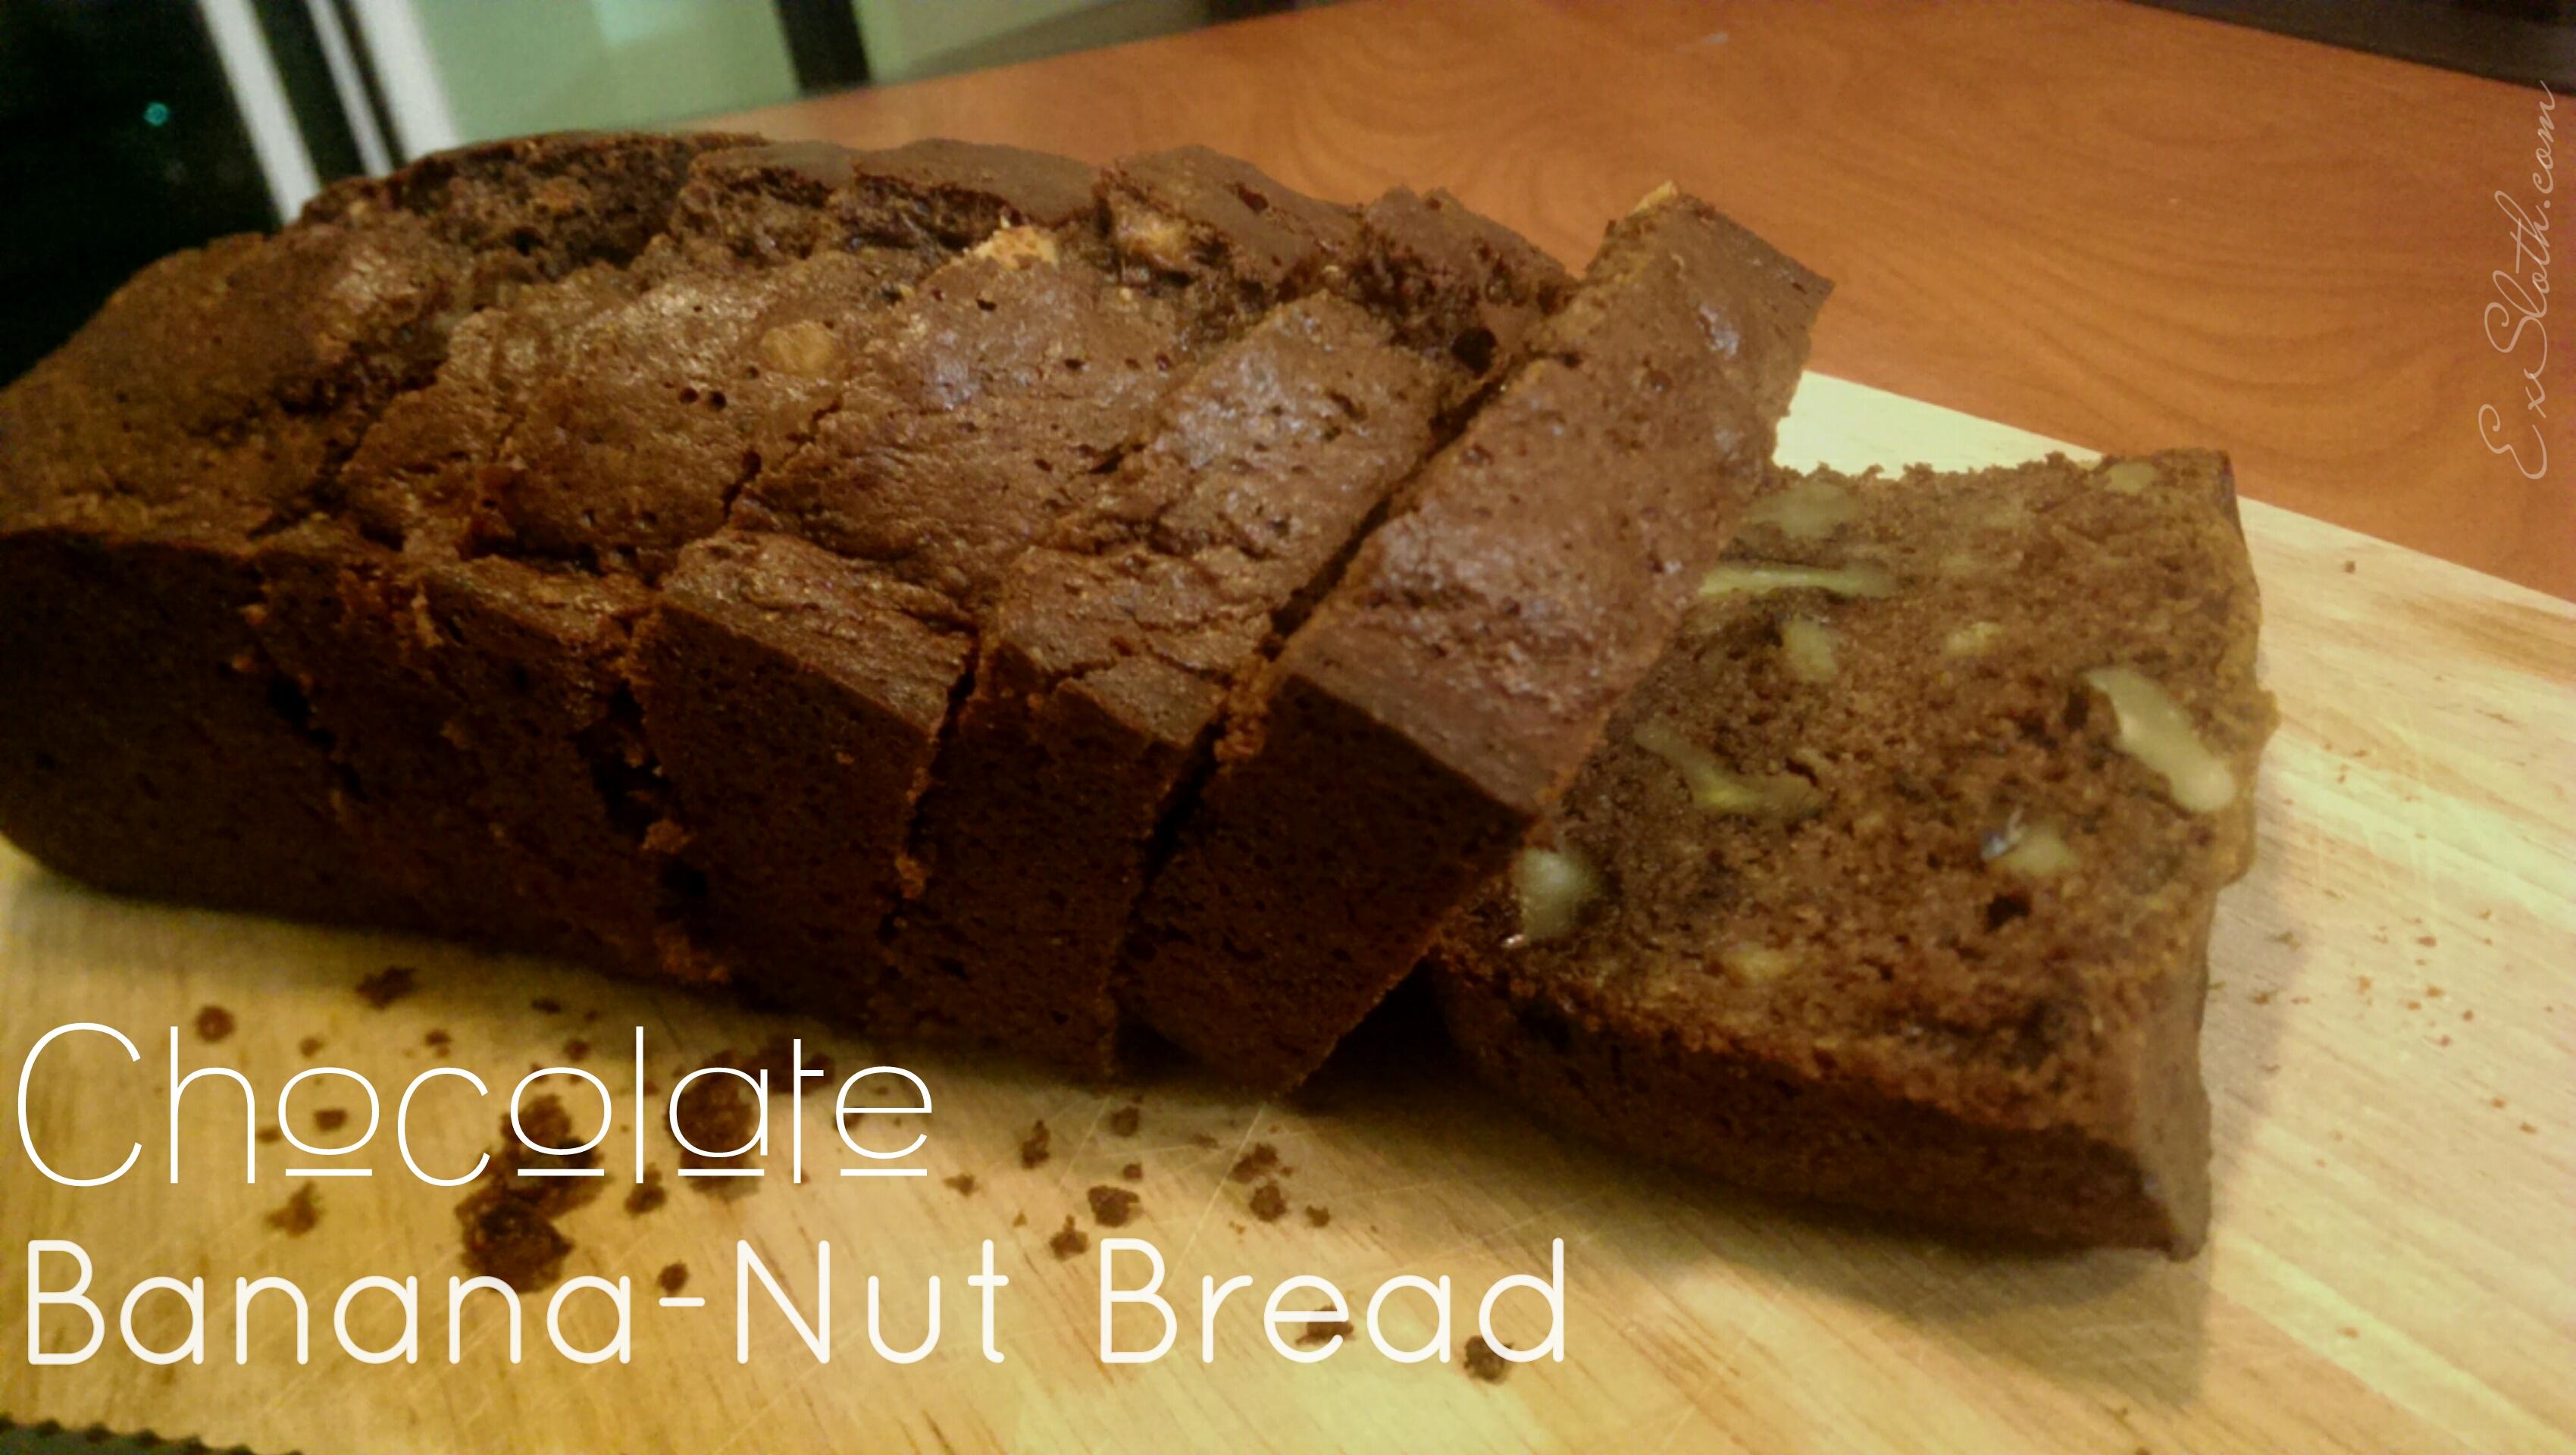 Chocolate Banana-Nut Bread Recipe | ExSloth